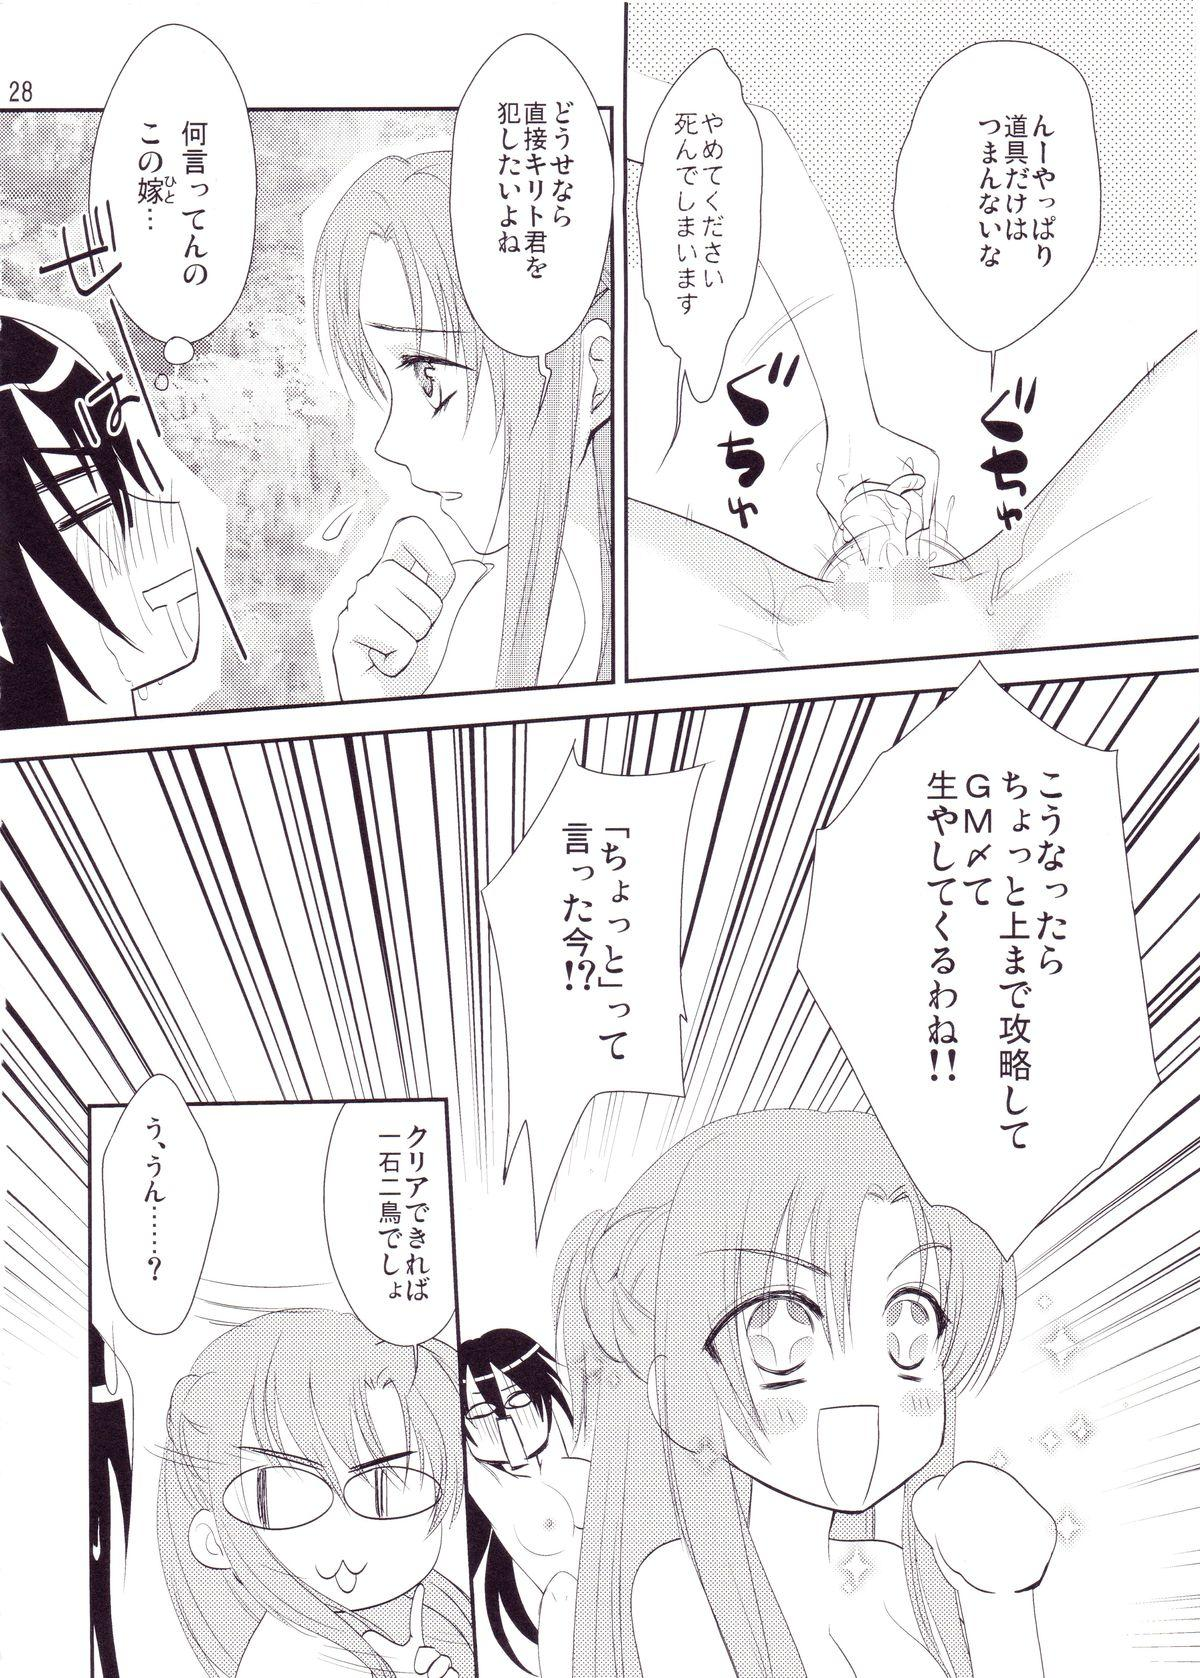 Kirito-kun no Shiroku Betatsuku nani ka 26